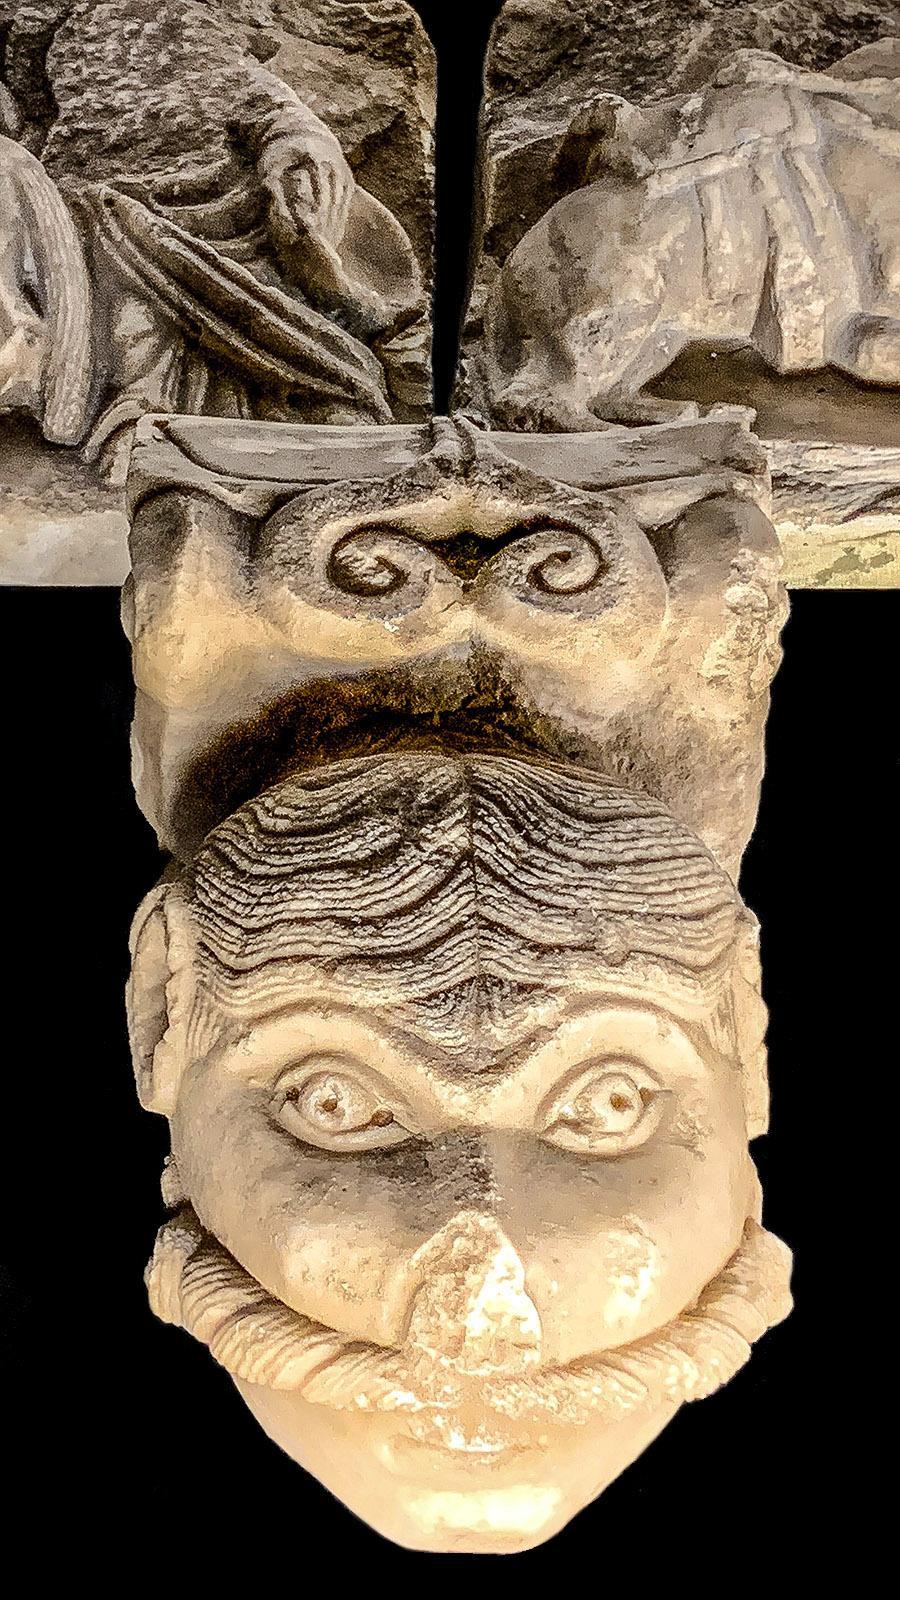 Le Maître de Cabestany: Fabelwesen und Mensch, Tiere und Monster vereint dieser steinerne Fries (Ausschnitt). Foto: Hilke Maunder